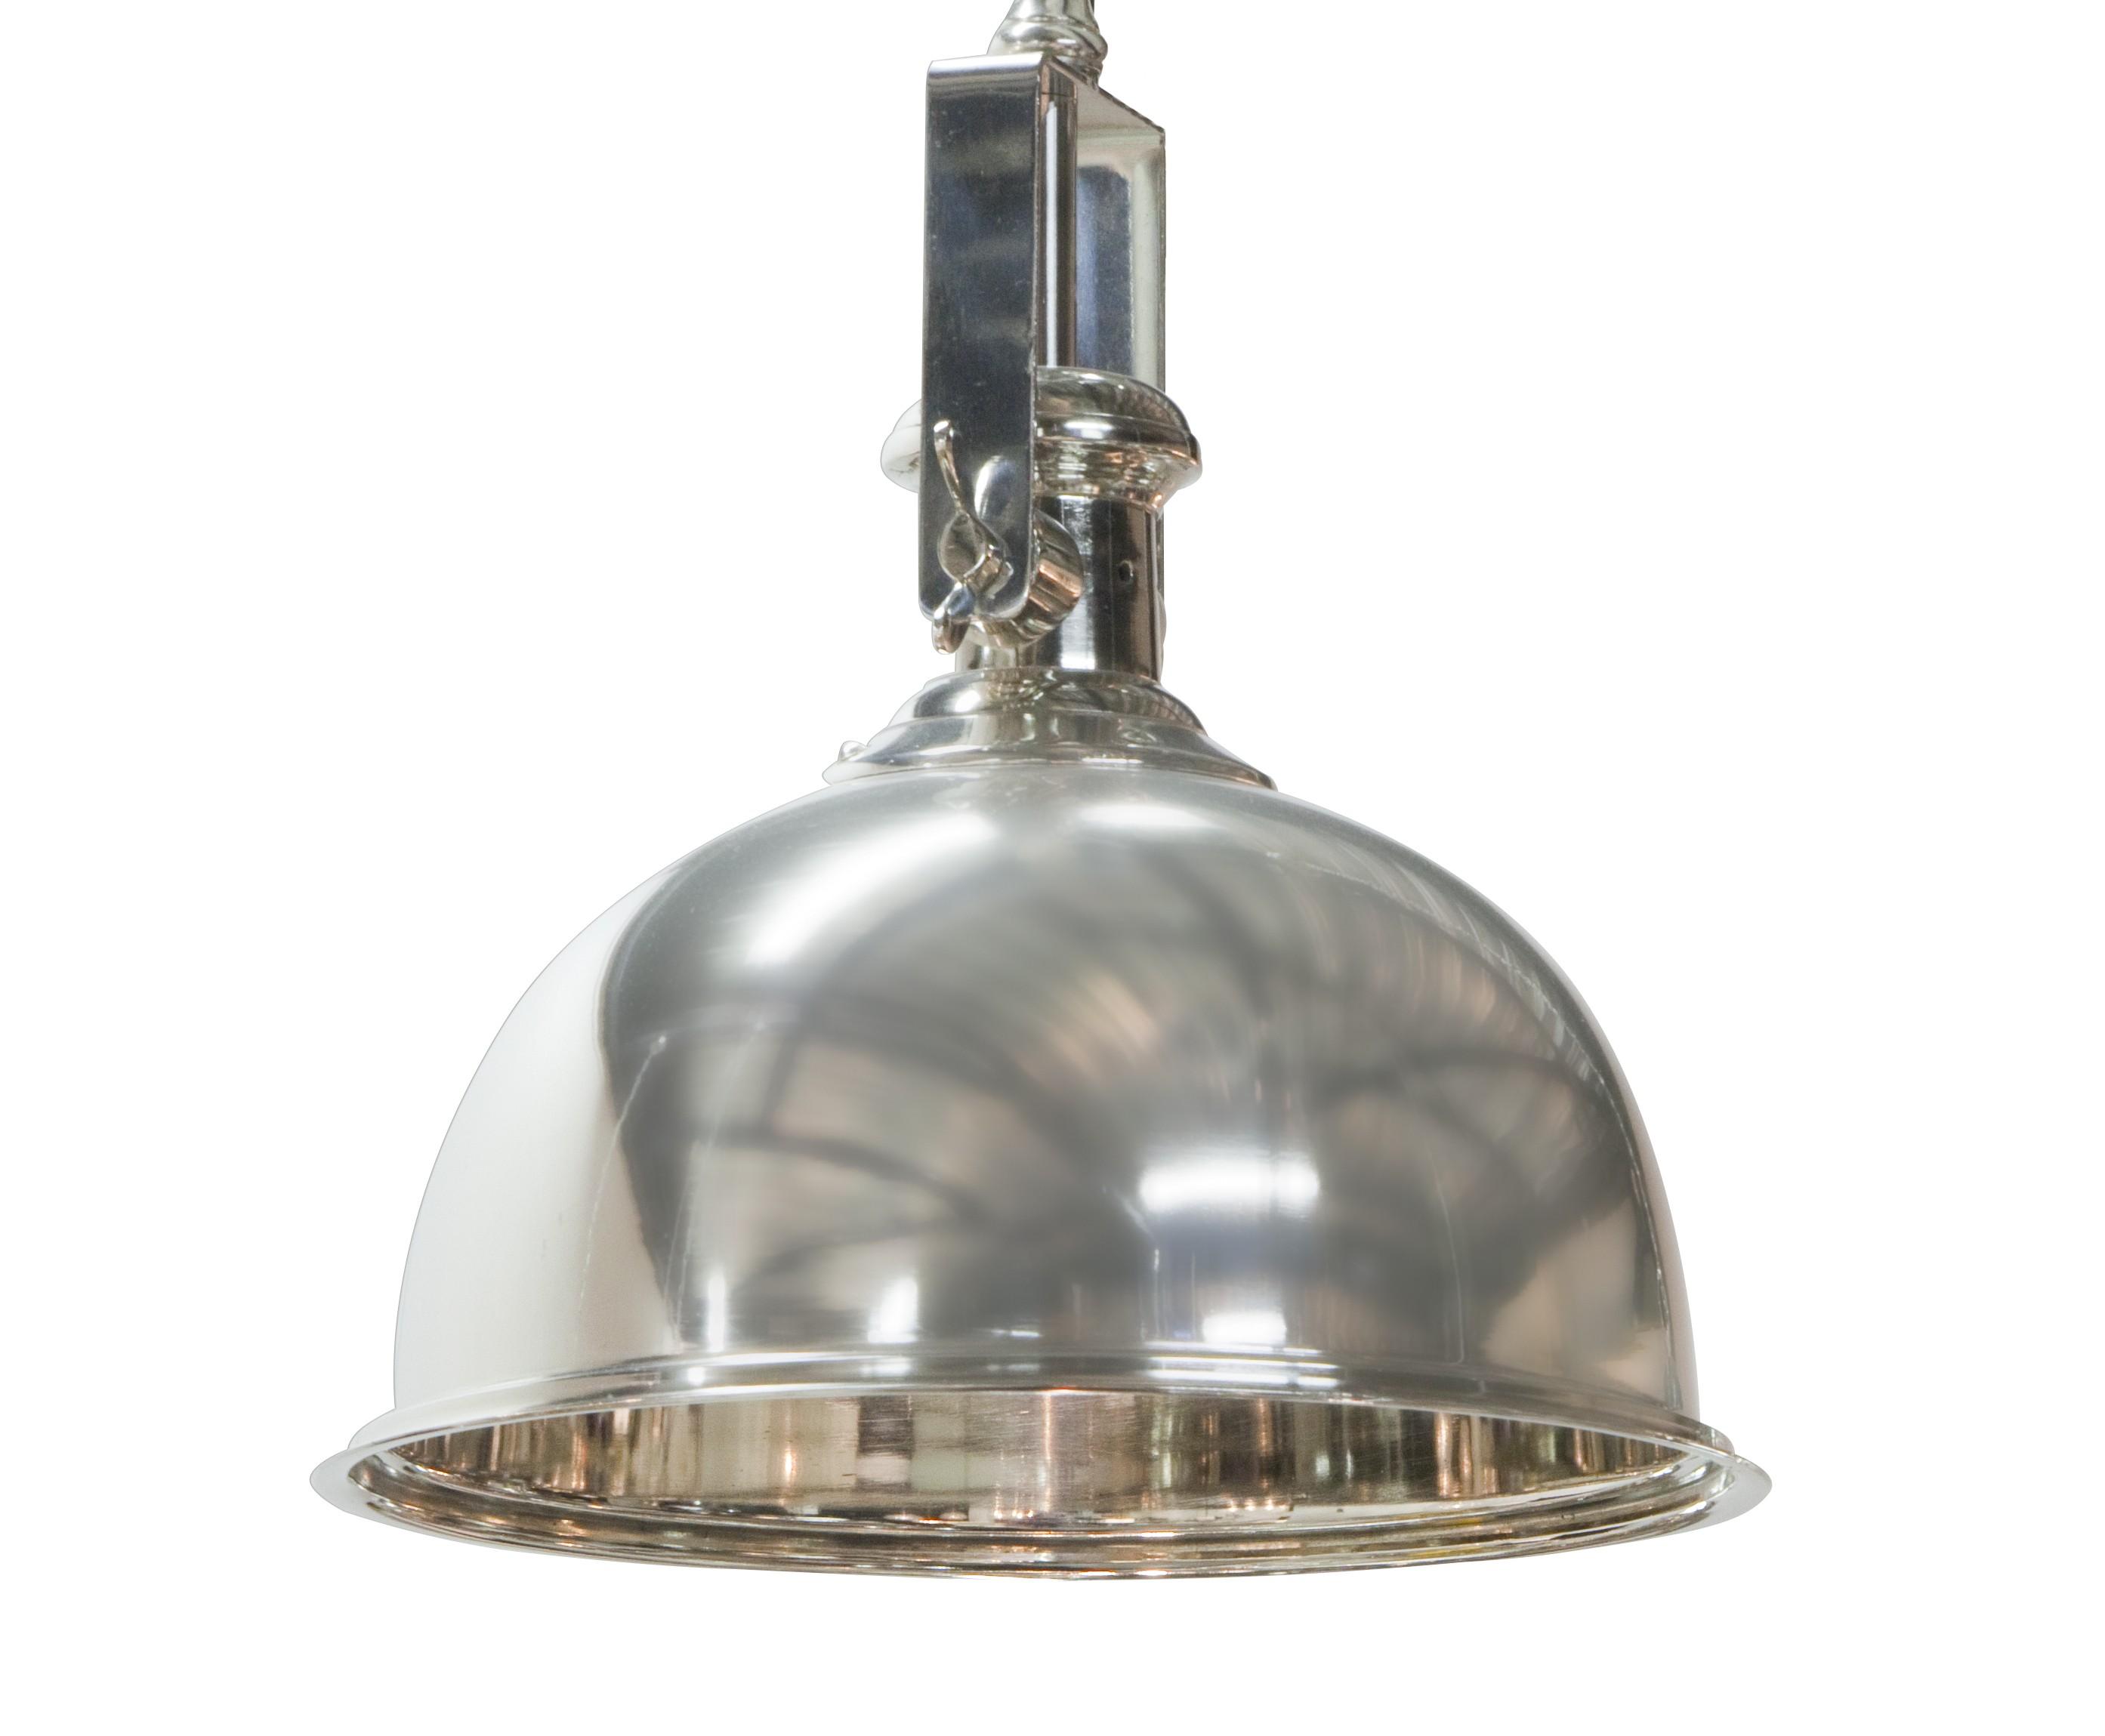 Потолочный светильник KennedyПодвесные светильники<br>Люстра серебряного цвета от голландского бренда light &amp;amp;amp; living. Добавьте модные акценты стильного освещения в столовой, гостиной или на кухне.&amp;amp;nbsp;&amp;lt;div&amp;gt;&amp;lt;br&amp;gt;&amp;lt;div&amp;gt;Вид цоколя: Е27,&amp;amp;nbsp;&amp;lt;/div&amp;gt;&amp;lt;div&amp;gt;Мощность лампочки: 40W,&amp;amp;nbsp;&amp;lt;/div&amp;gt;&amp;lt;div&amp;gt;Кол-во лампочек 1 (в комплект не входит).&amp;lt;/div&amp;gt;&amp;lt;/div&amp;gt;<br><br>Material: Металл<br>Height см: 48<br>Diameter см: 38